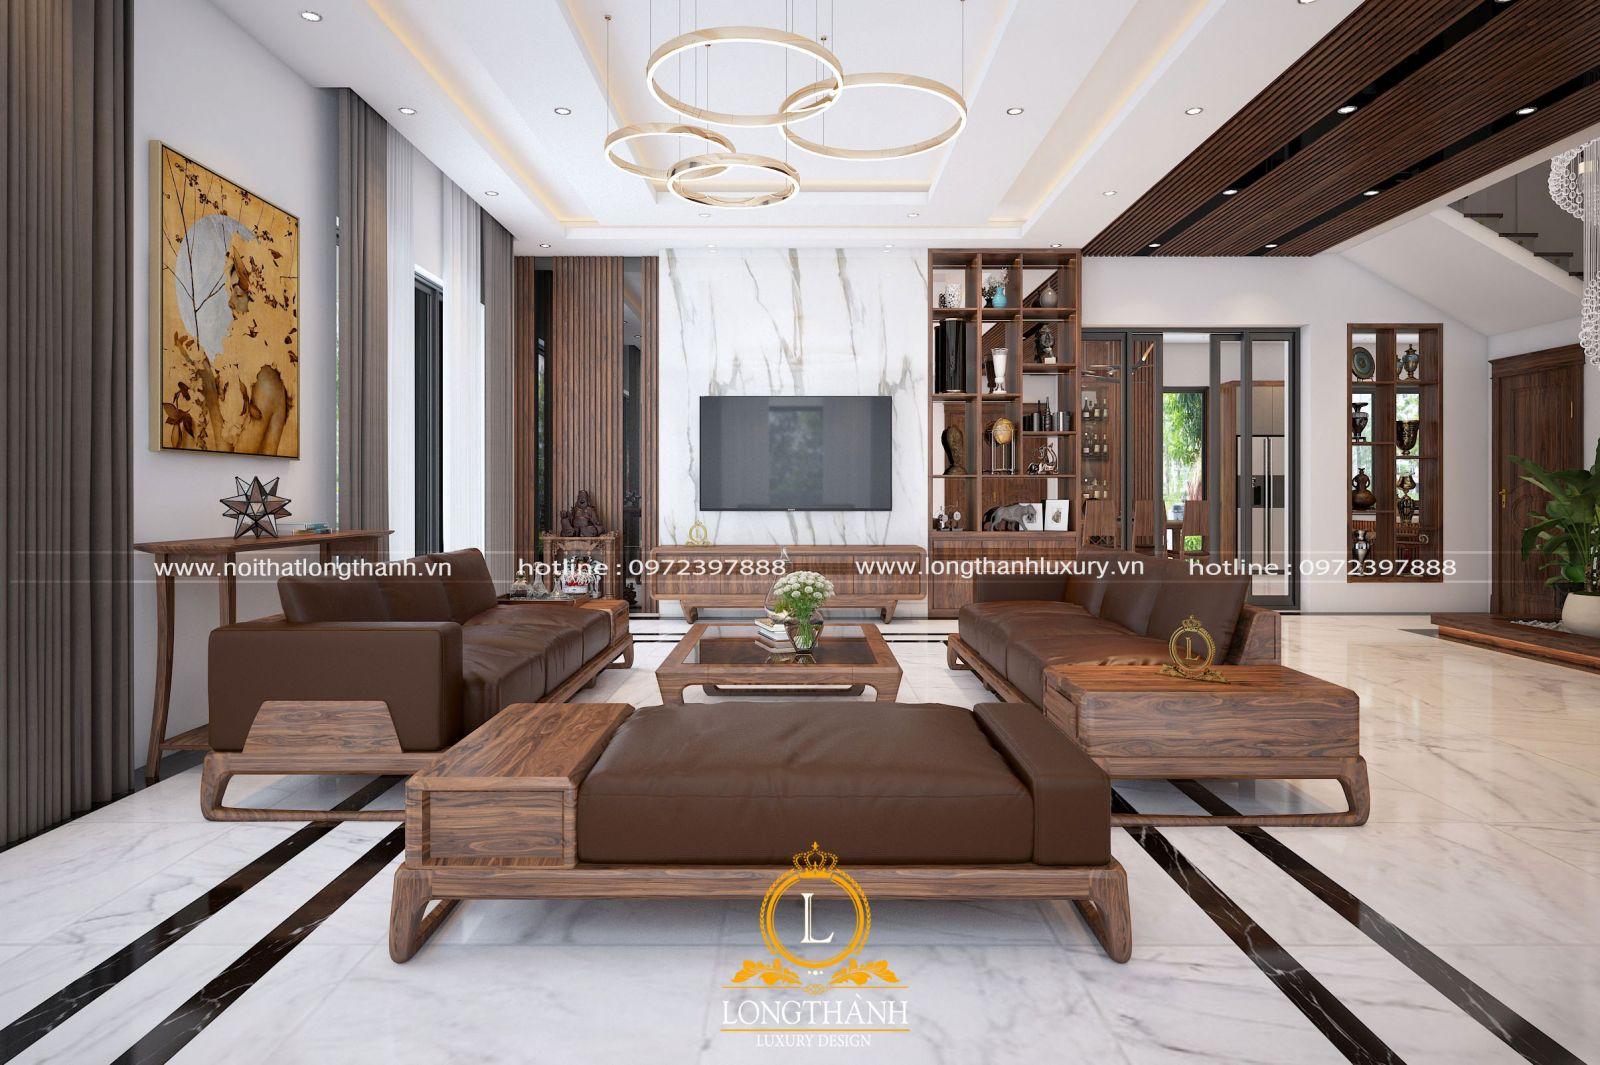 Nội thất phòng khách đẹp cho biệt thự hiện đại